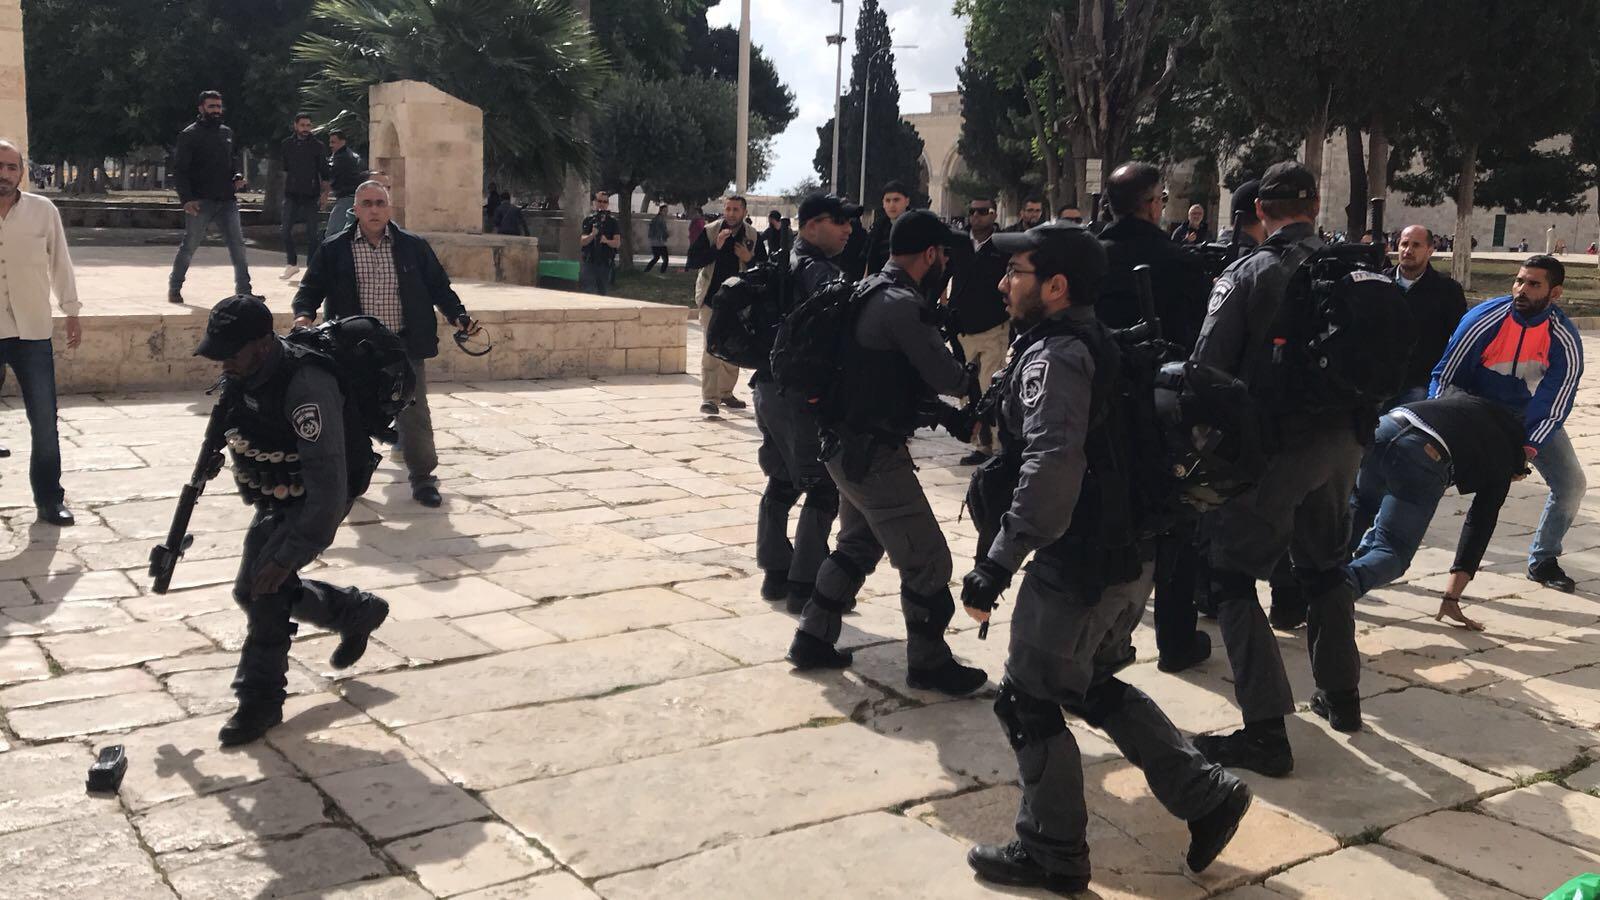 فيديو: اشتباكات عنيفة بالايدي بين الشرطة وحراس الاقصى المبارك